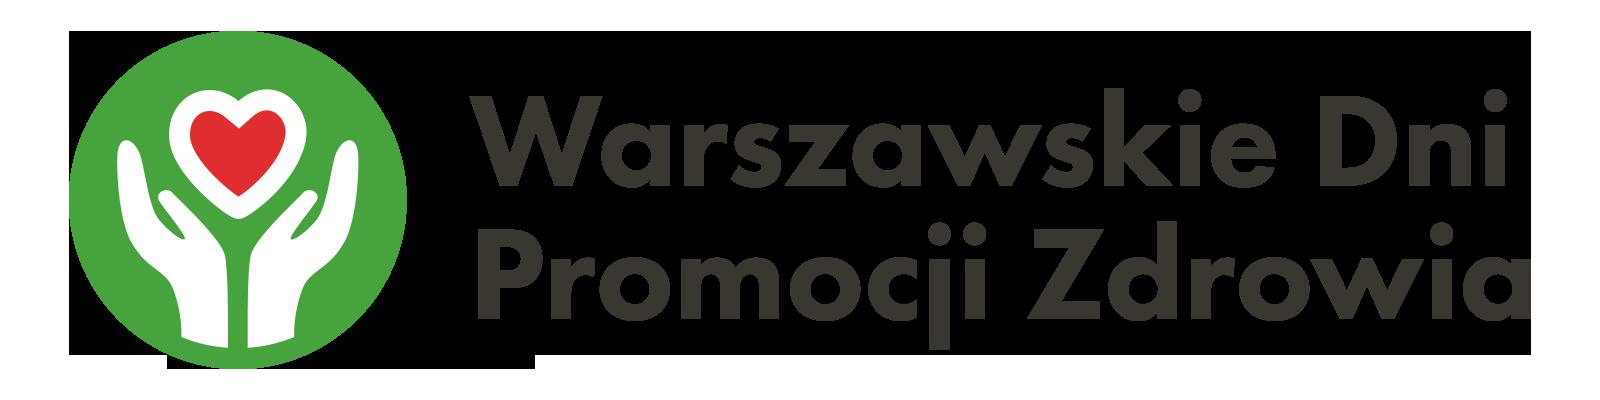 _WDPZ-logo